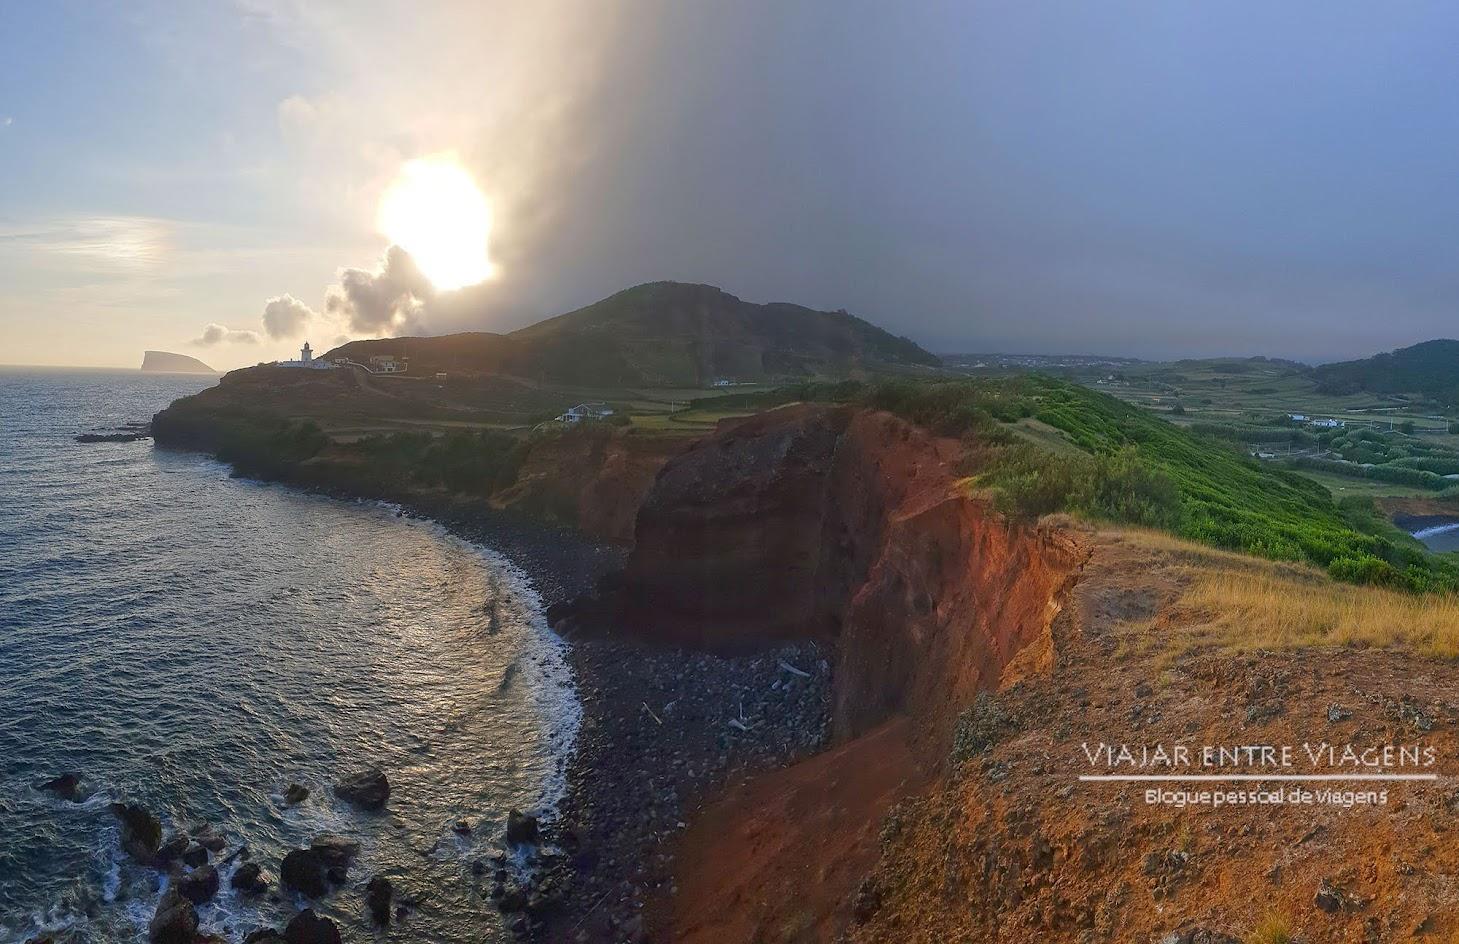 Visitar o Farol da Ponta das Contendas, na ilha Terceira